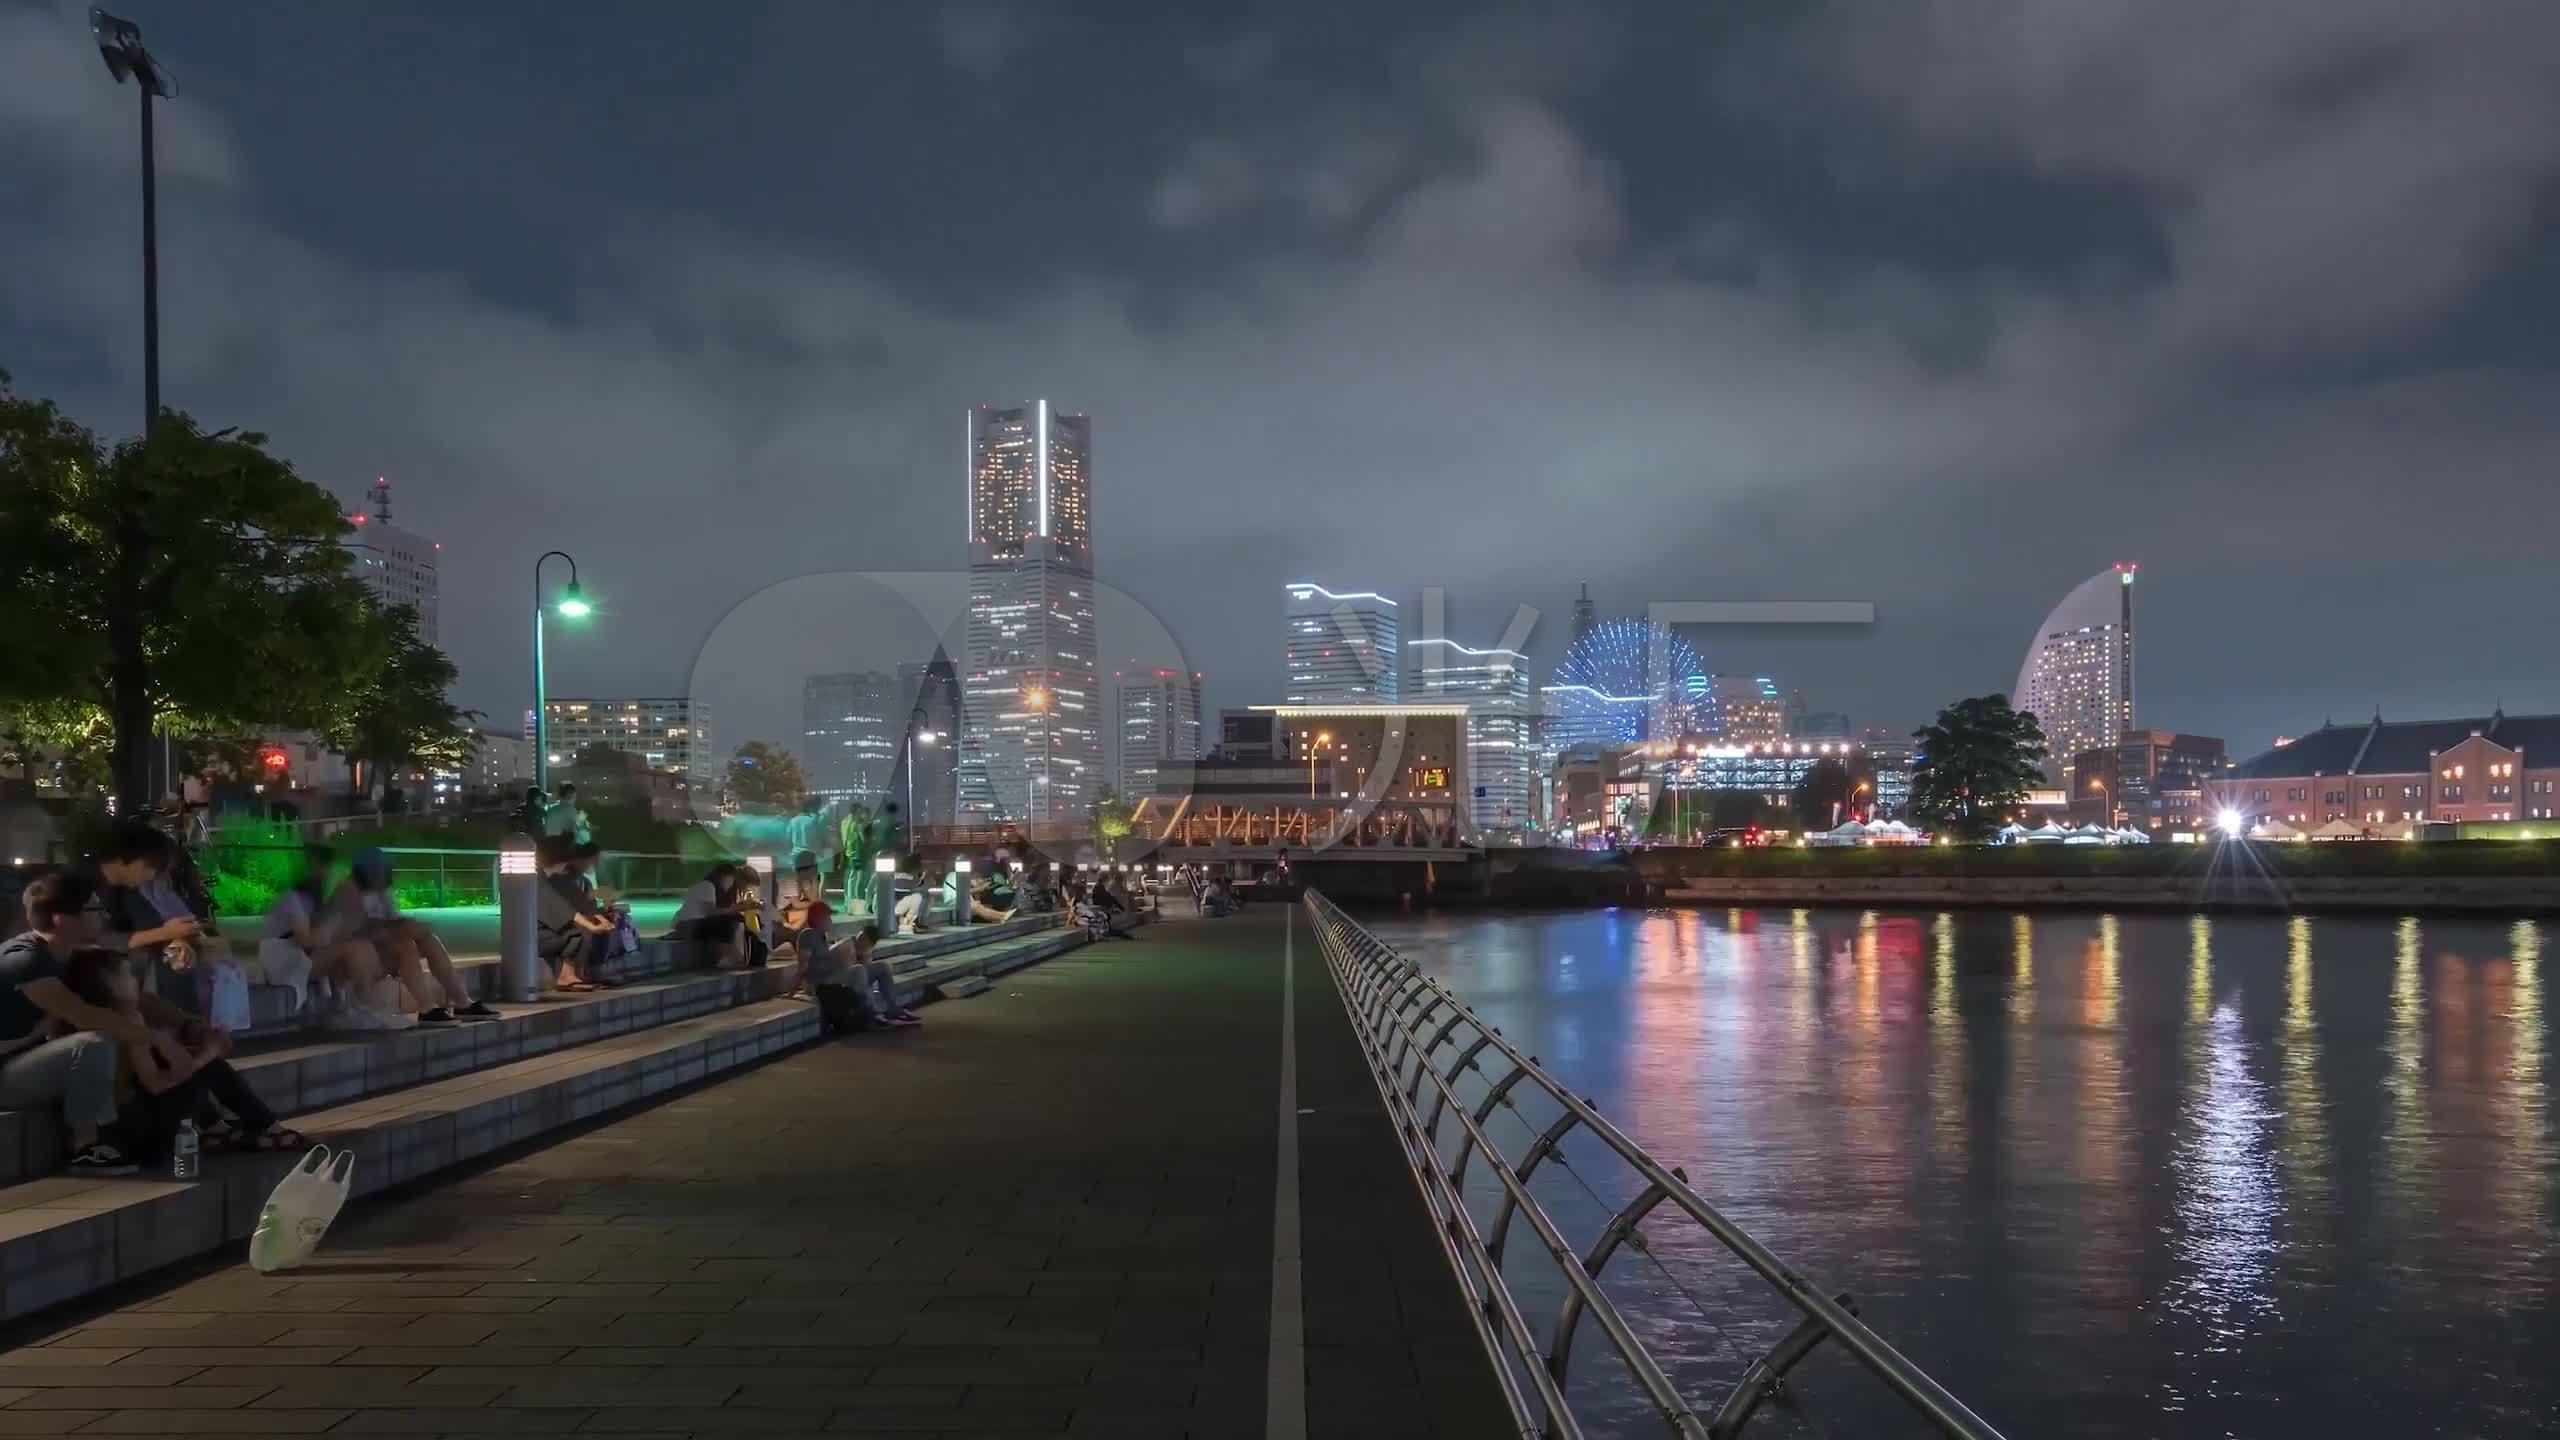 日本东京宣传片_3k日本东京城市延时风光宣传片